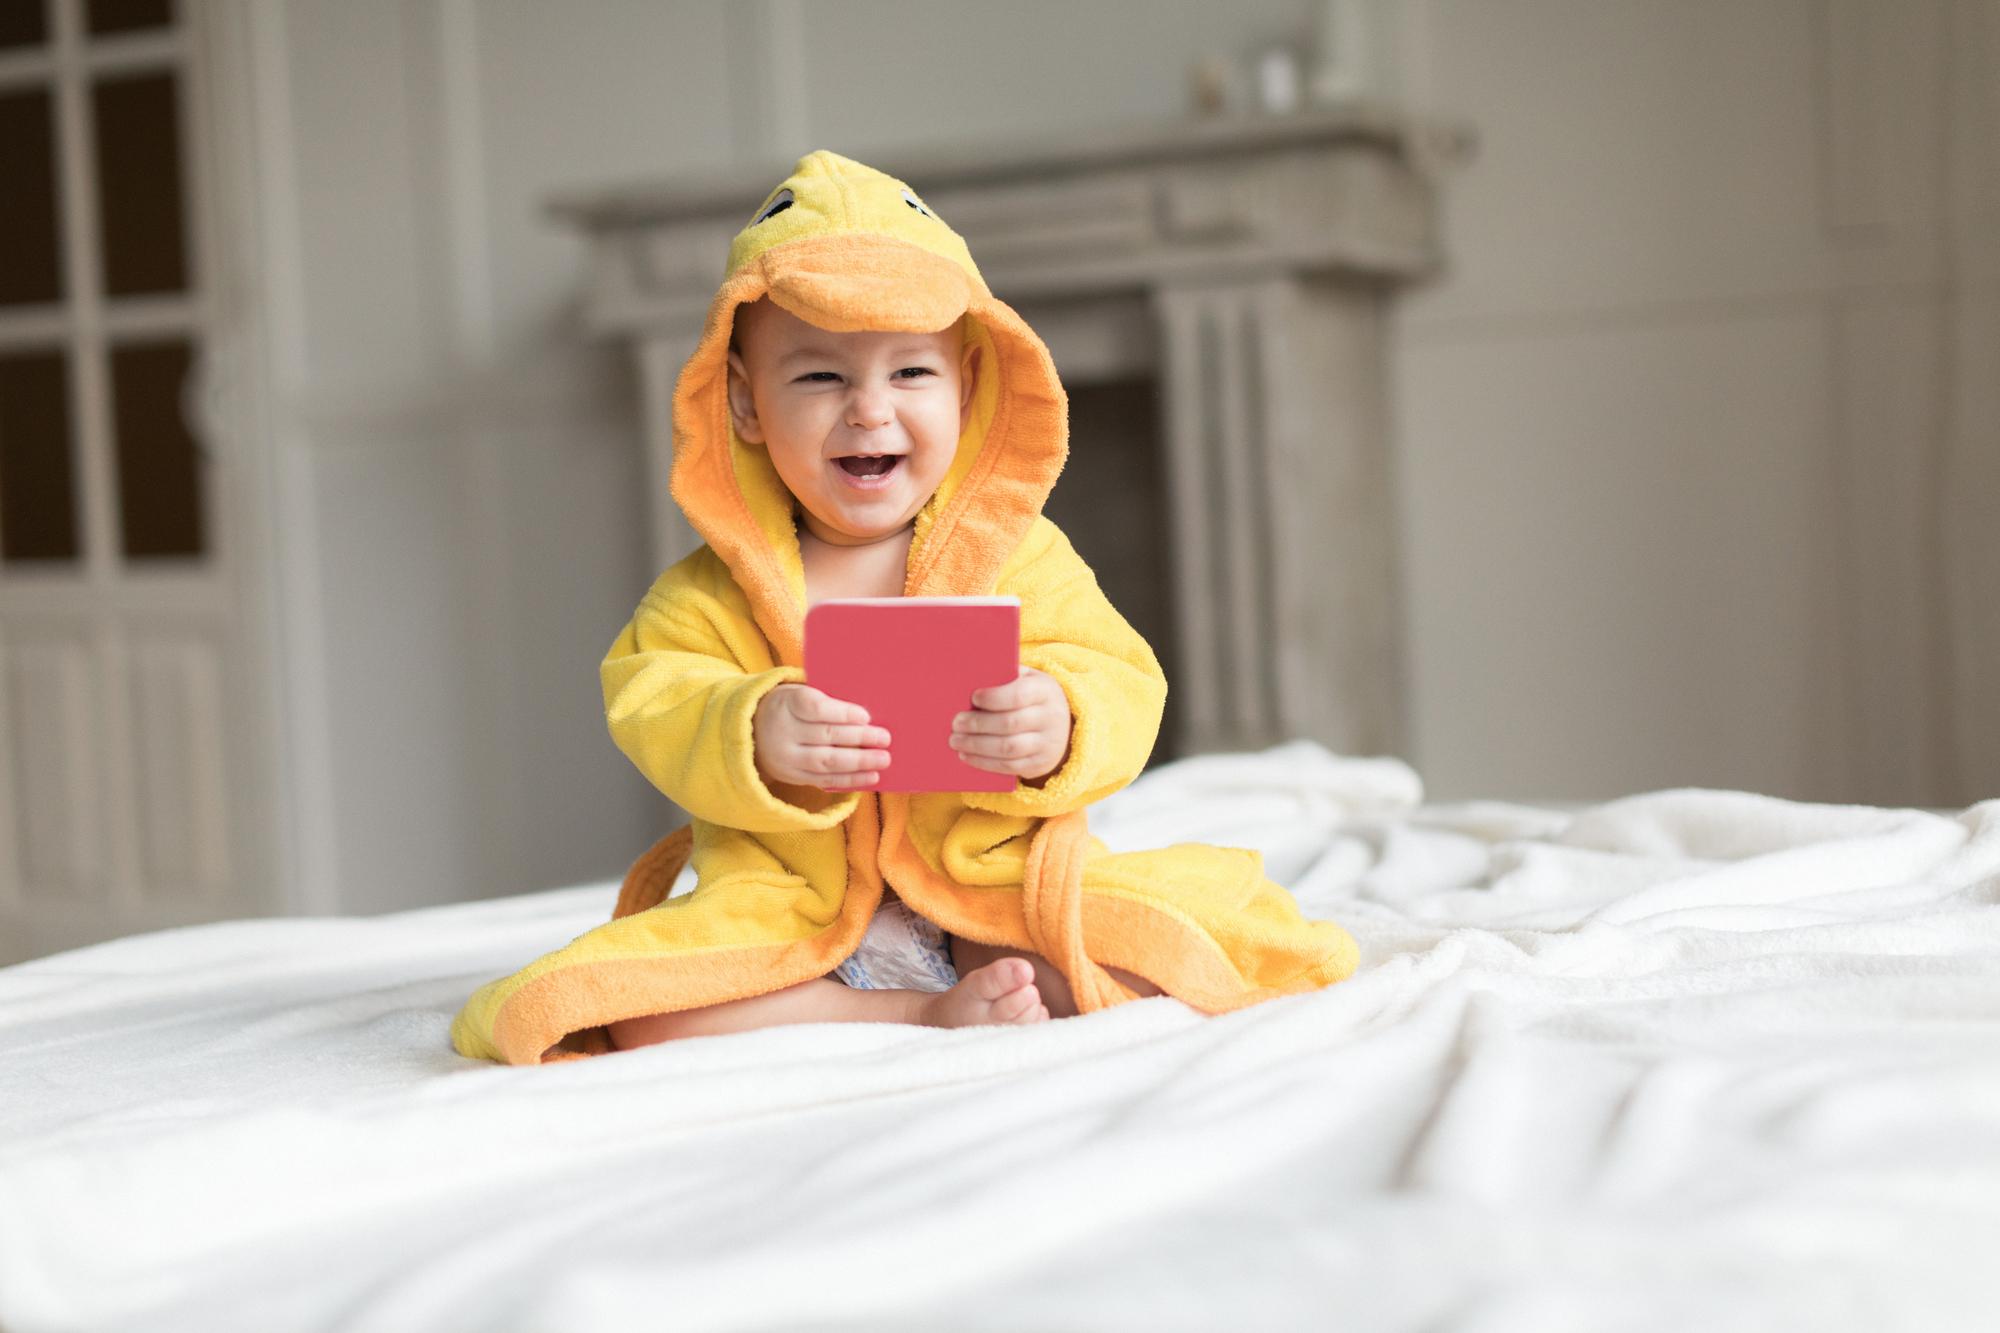 Czy bajki są odpowiednie dla niemowląt?